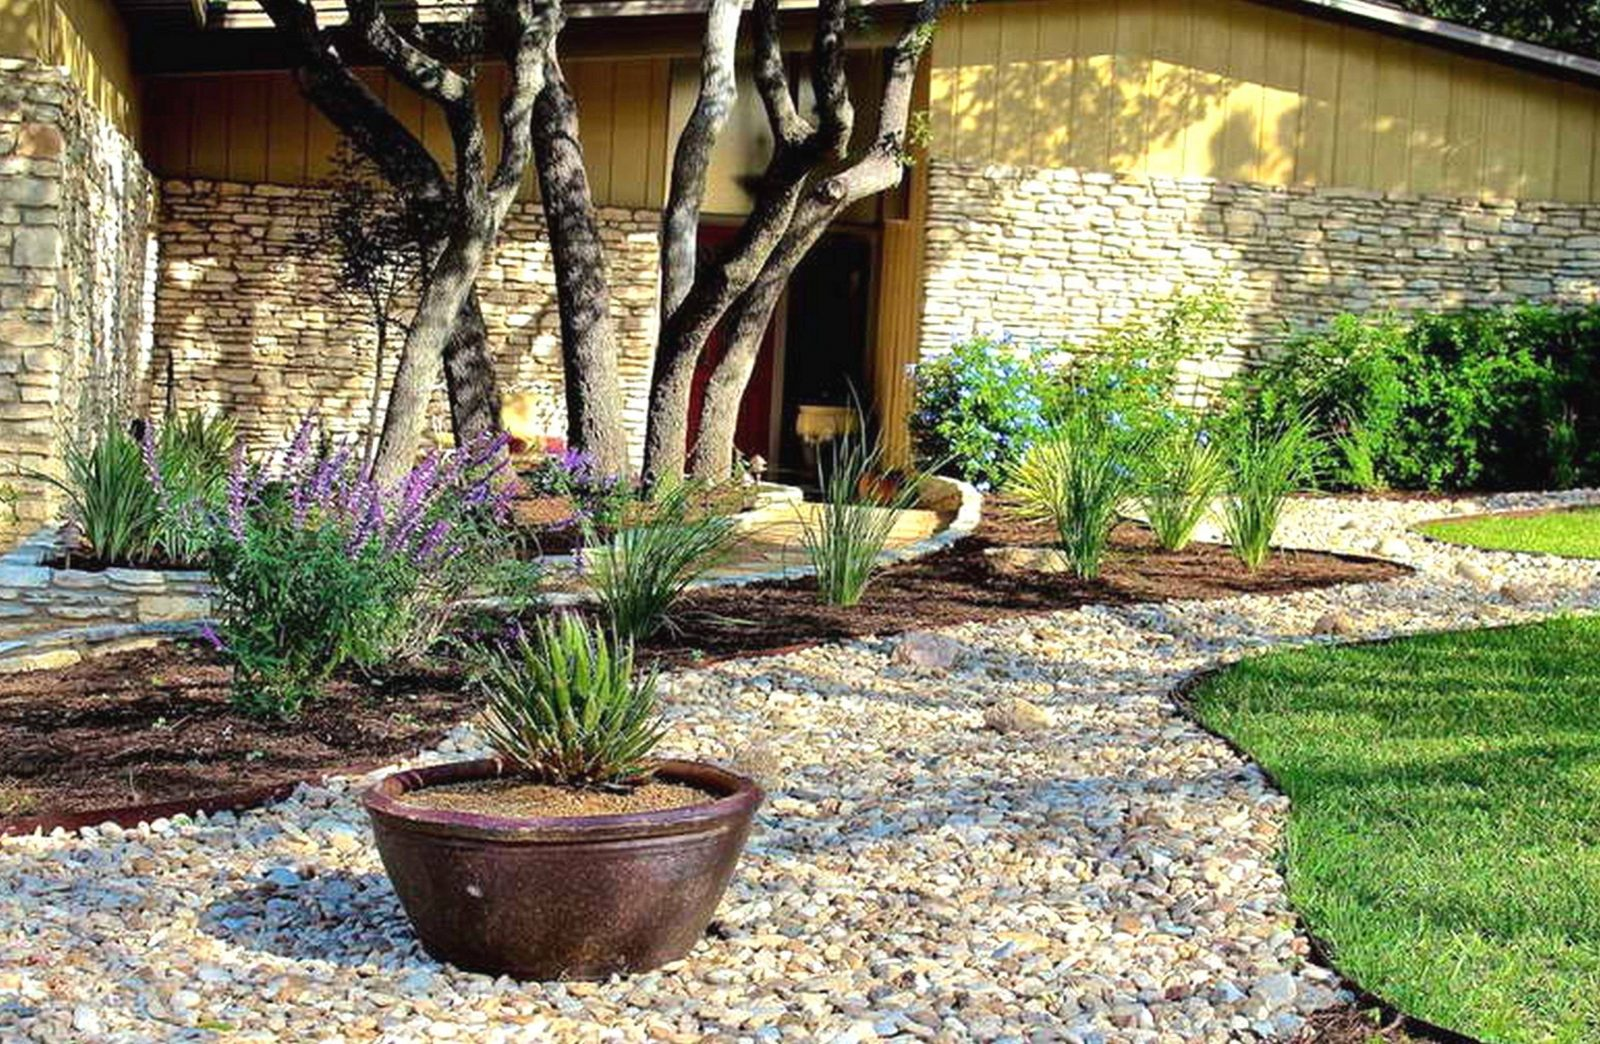 Garten Mit Kies Gestalten Bilder Inspirierend Inspirierend Vorgarten von Garten Mit Kies Bilder Photo